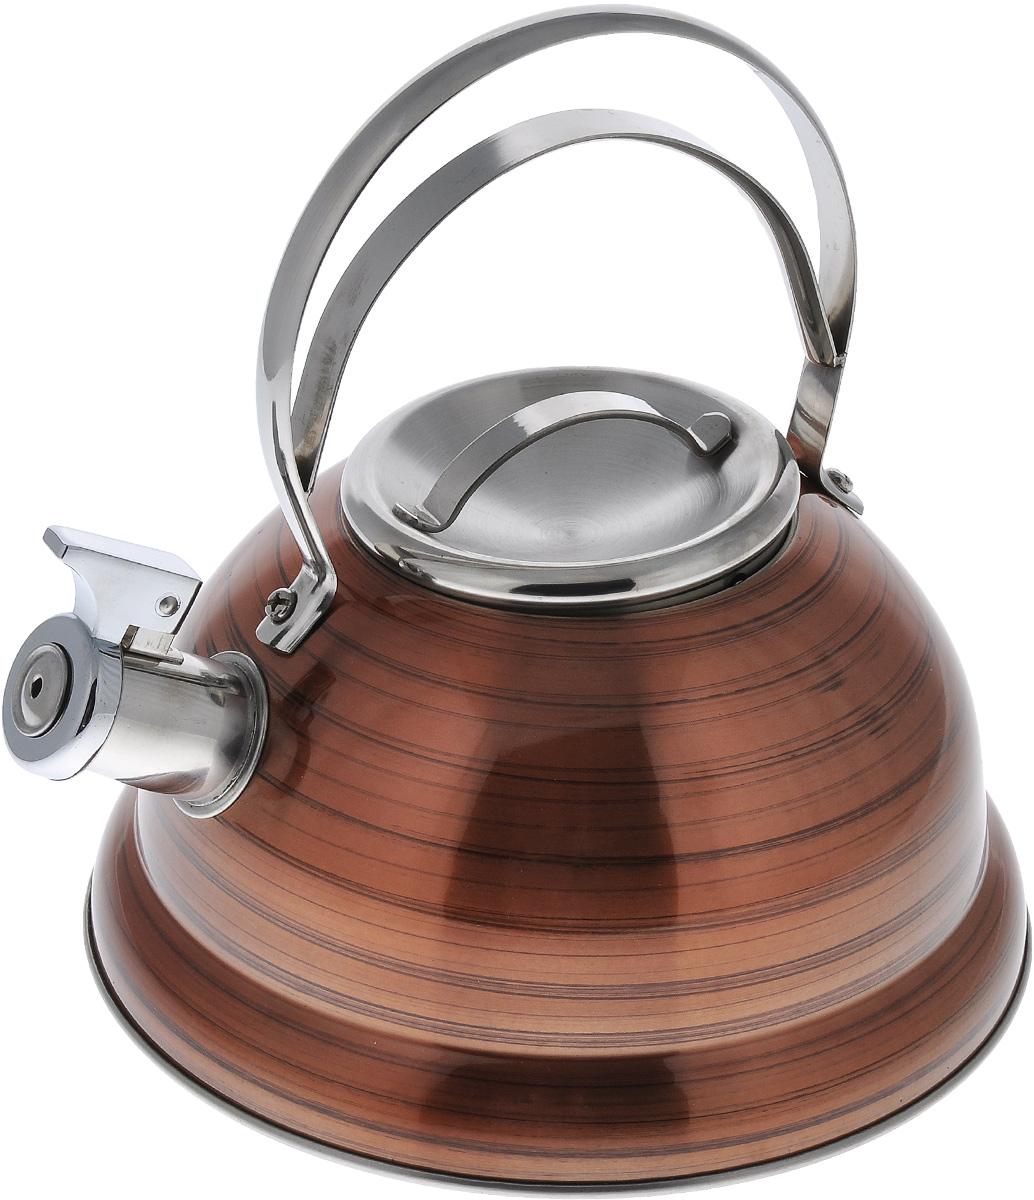 Чайник Bekker De Luxe, со свистком, цвет: оранжевый, 2,5 лBK-S428_оранжевыйЧайник Bekker De Luxe изготовлен из высококачественной нержавеющей стали с цветным зеркальным покрытием в полоску. Капсулированное дно распределяет тепло по всей поверхности, что позволяет чайнику быстро закипать. Крышка и эргономичная фиксированная ручка выполнены из нержавеющей стали. Носик оснащен откидным свистком, который подскажет, когда закипела вода. Подходит для всех типов плит, кроме индукционных. Можно мыть в посудомоечной машине. Диаметр чайника (по верхнему краю): 10 см. Диаметр основания: 22 см. Толщина стенки: 0,4 мм.Высота чайника (без учета ручки и крышки): 11,5 см. Высота чайника (с учетом ручки и крышки): 23,5 см.